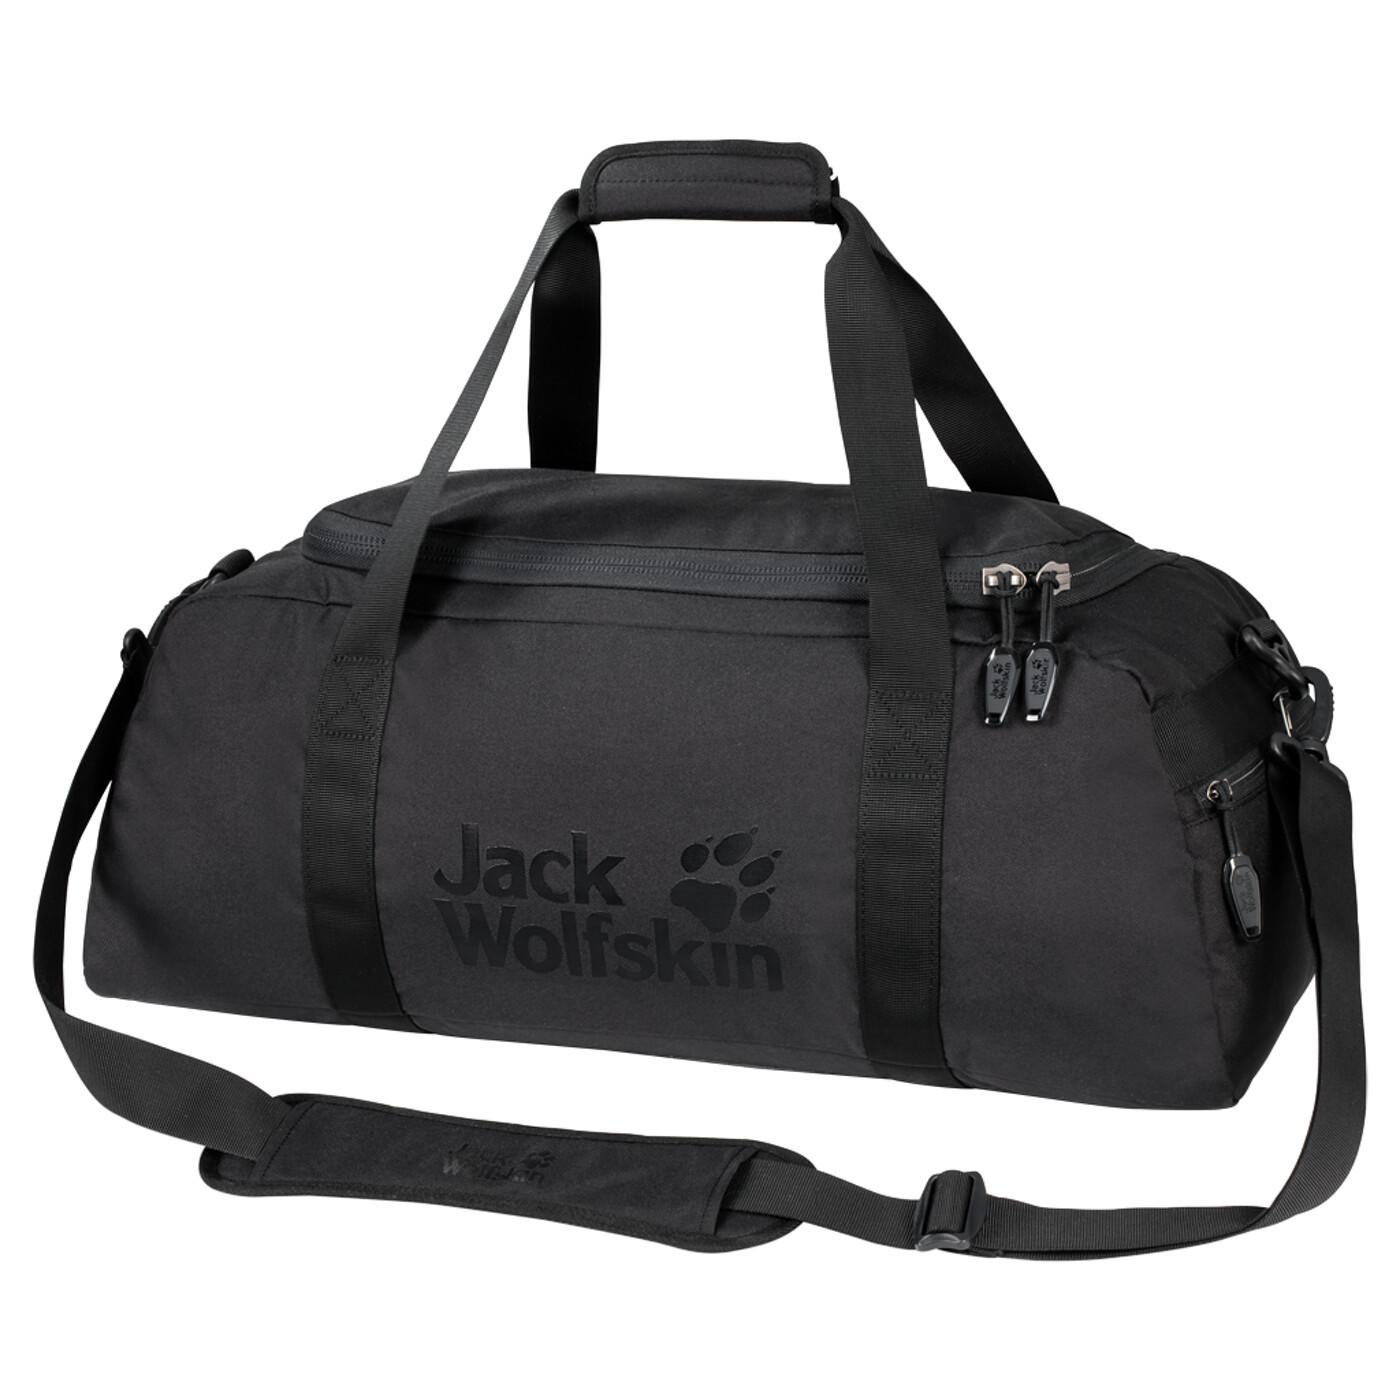 JACK-WOLFSKIN ACTION BAG 35